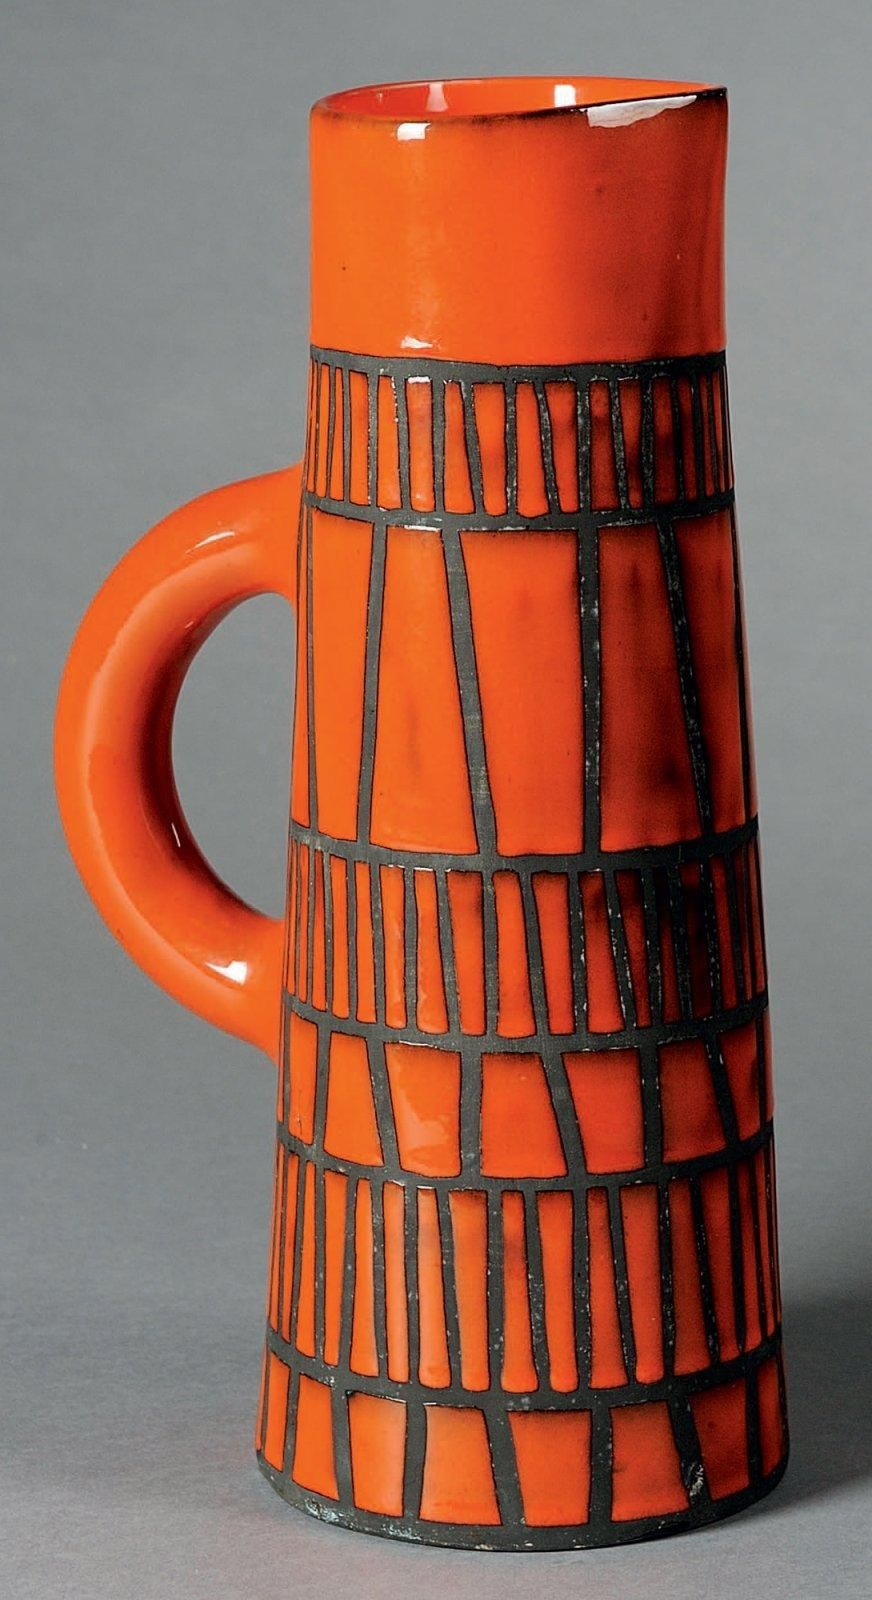 roger capron ceramics pottery keramik pinterest. Black Bedroom Furniture Sets. Home Design Ideas